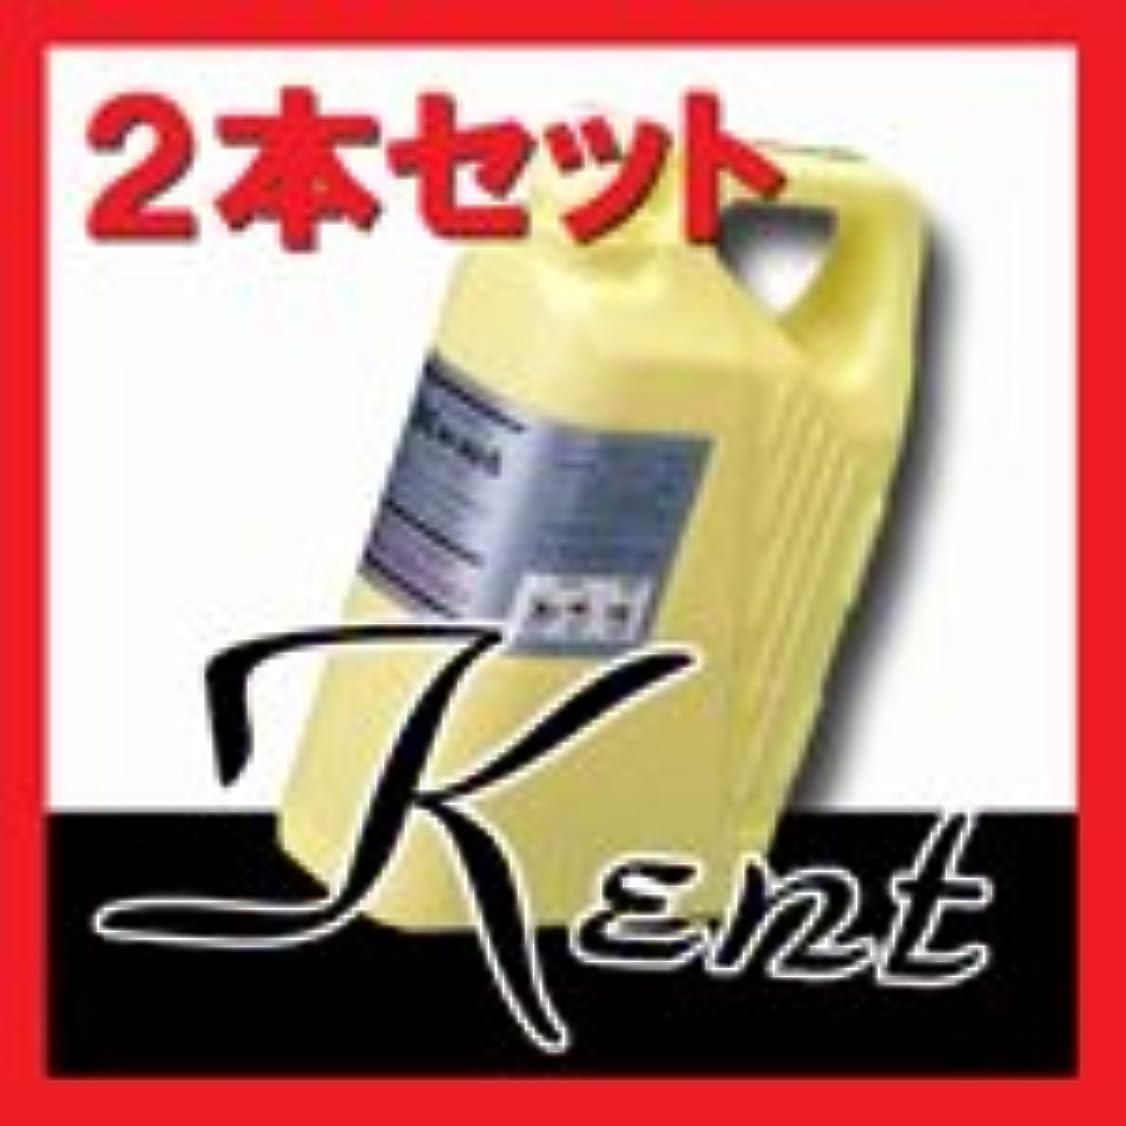 クラシエ KENT ケント フェイスローション 2000ml ×2本 お徳用サイズ